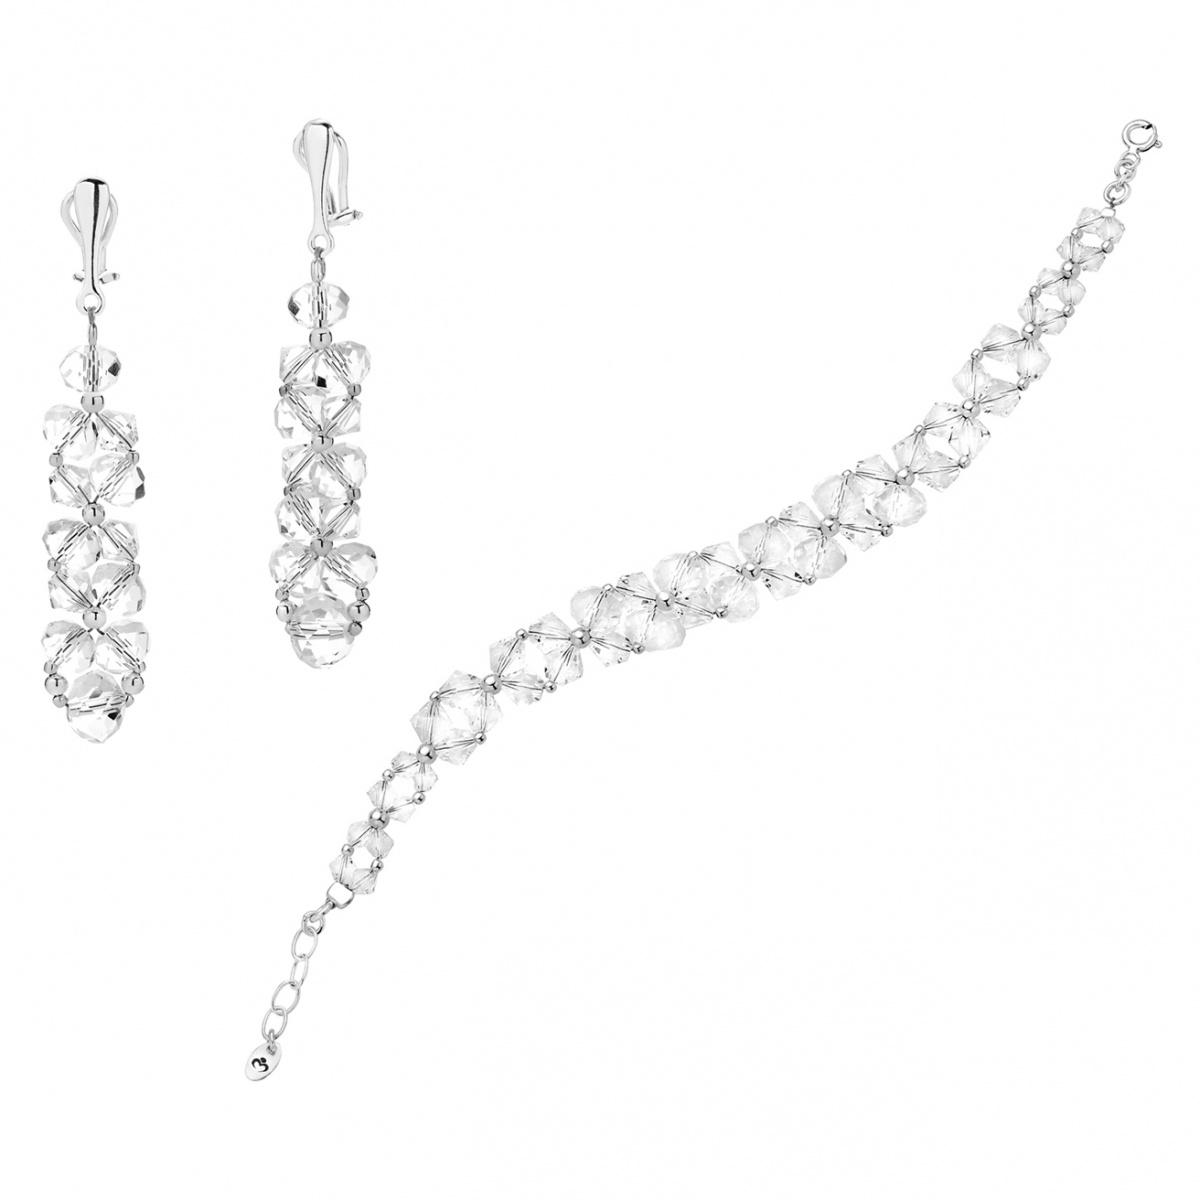 da4be2a76e8f Komplet Biżuterii Swarovski z Klipsami - Komplety biżuterii ...